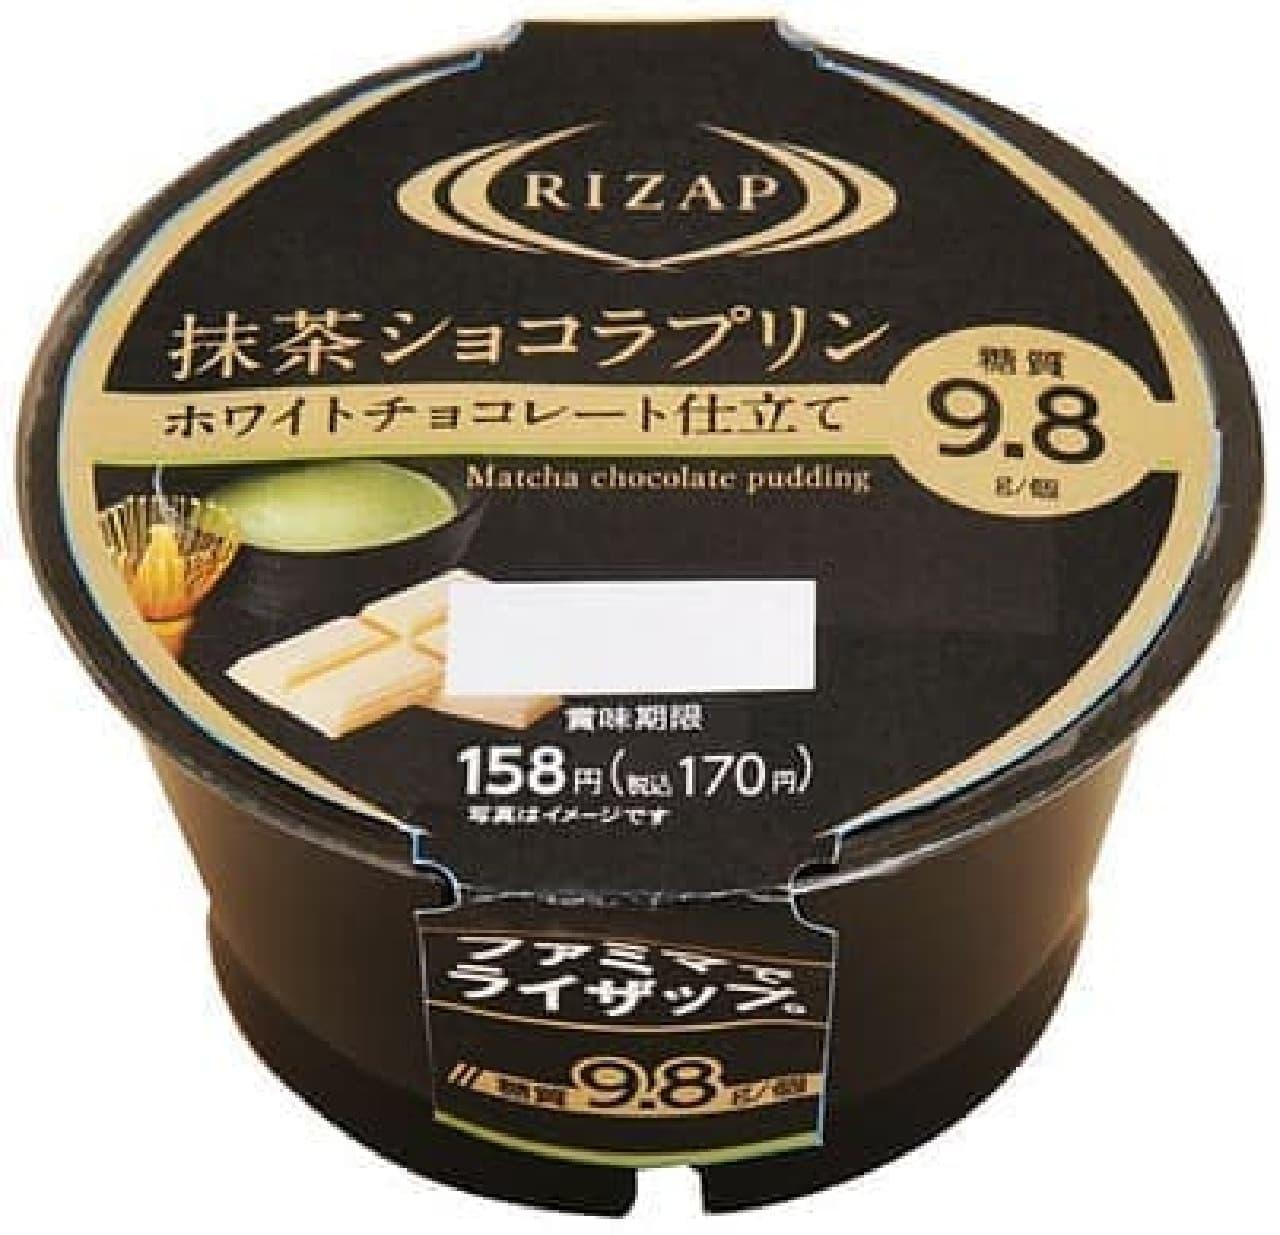 ファミリーマート、サークルK、サンクスに「RIZAP 抹茶ショコラプリン」